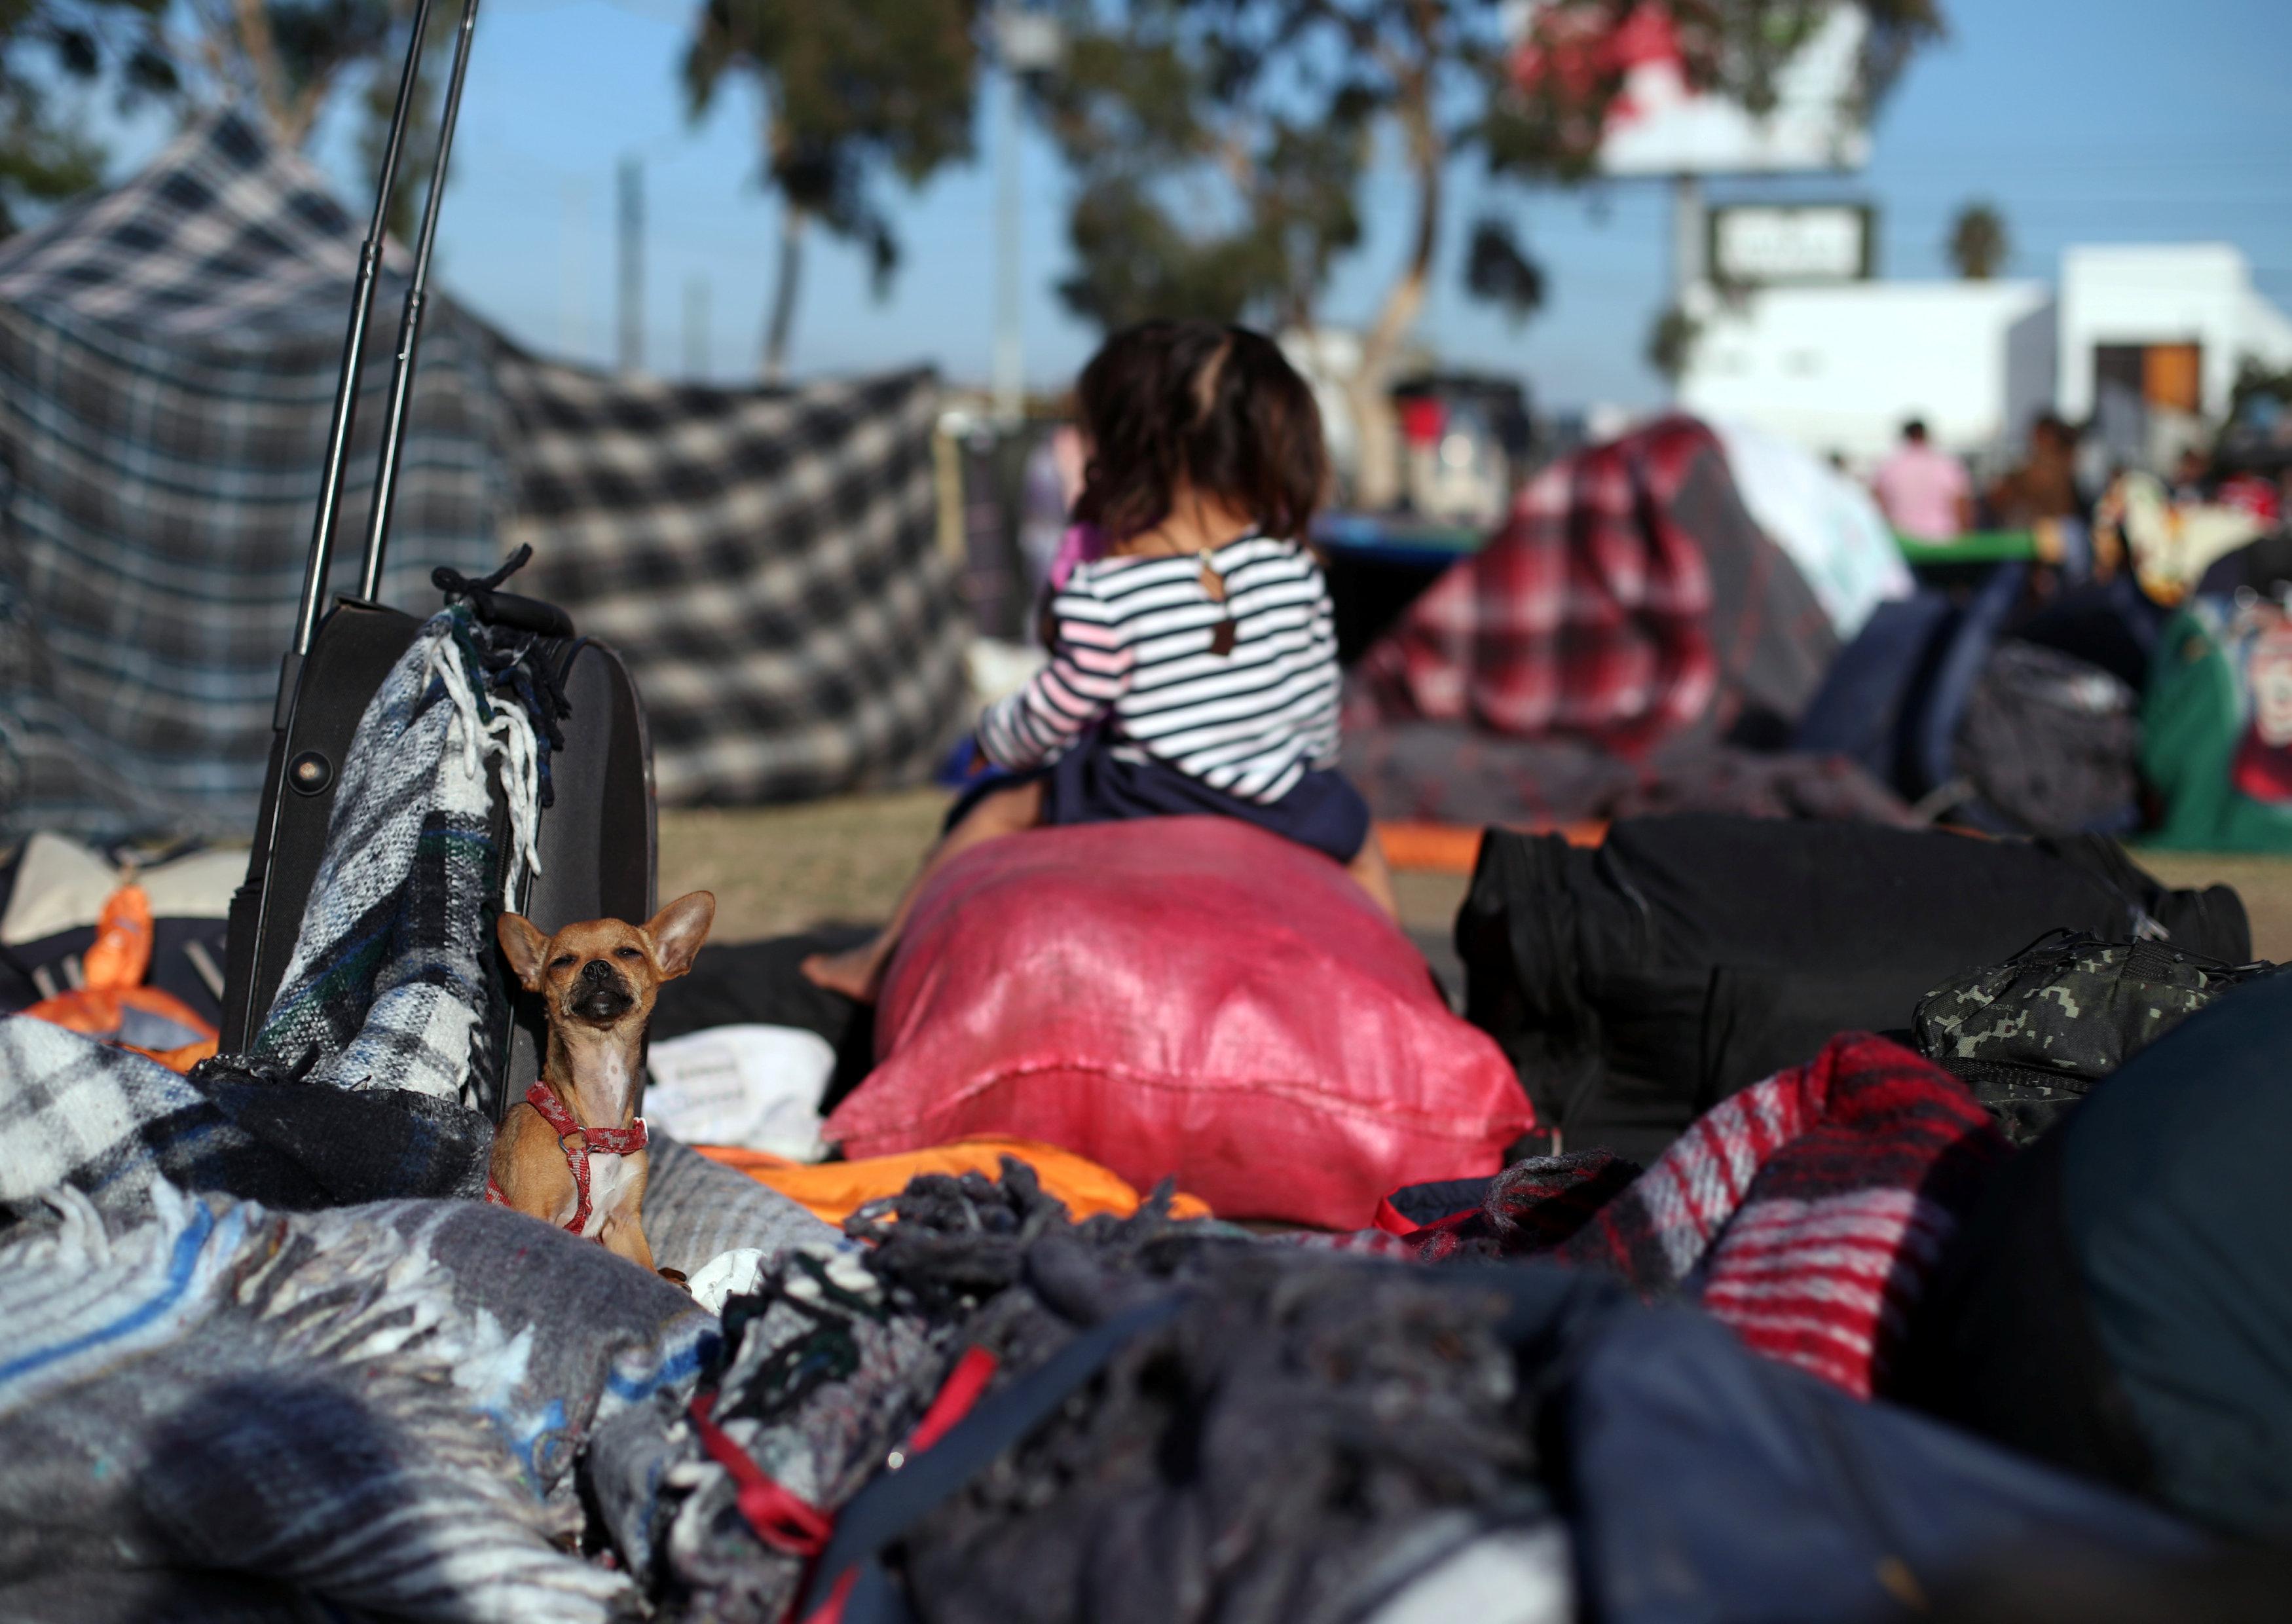 طفلة بين أكوام من حقائب المهاجرين